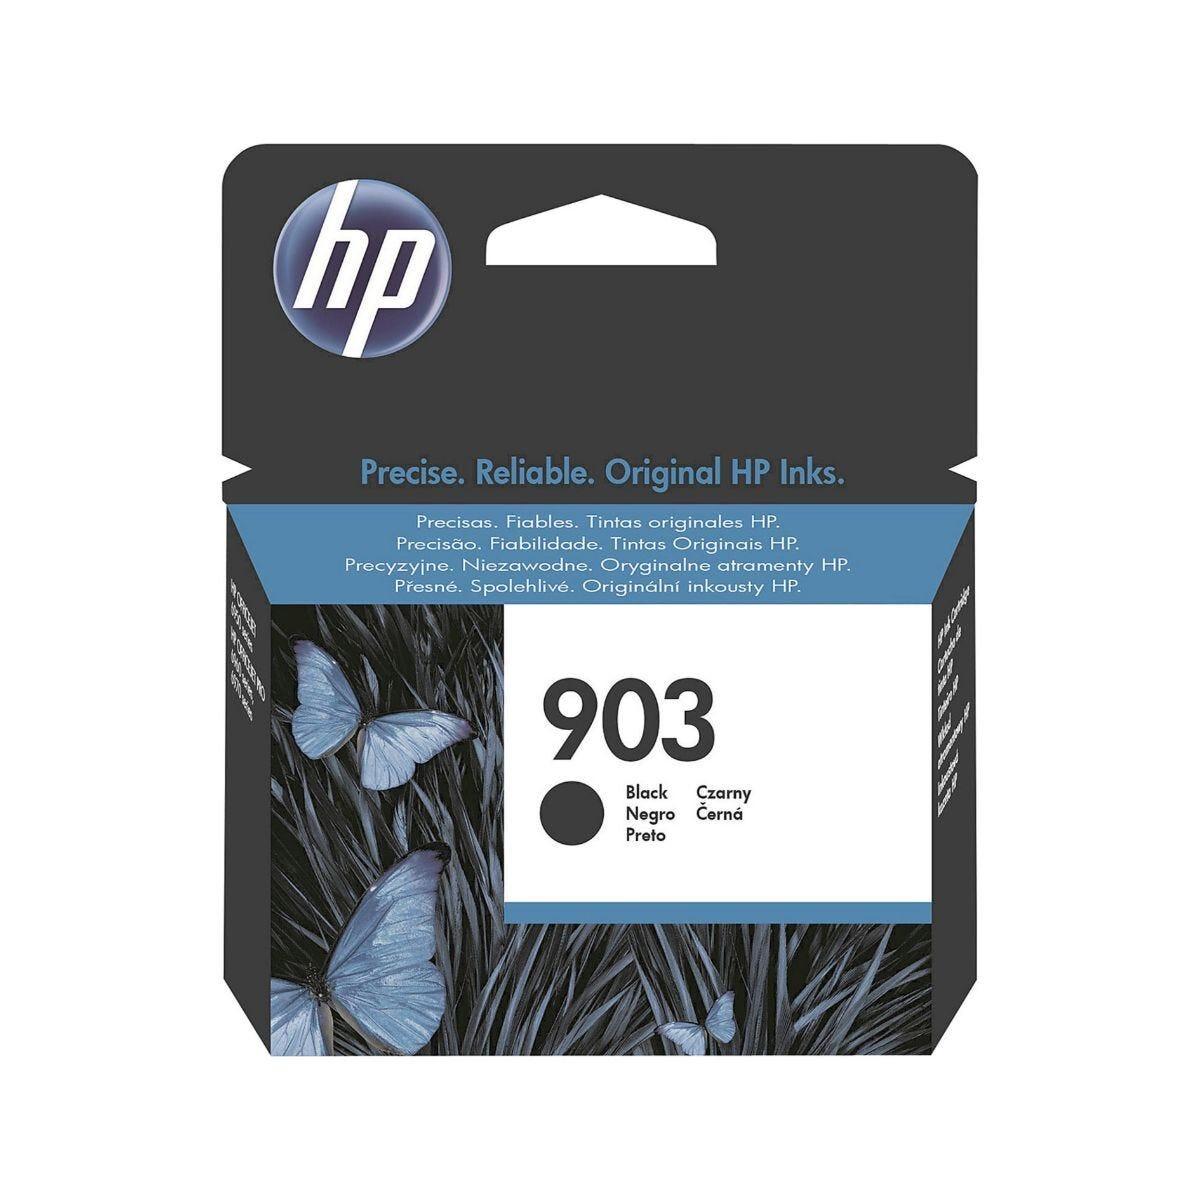 HP 903 Ink Cartridge Black